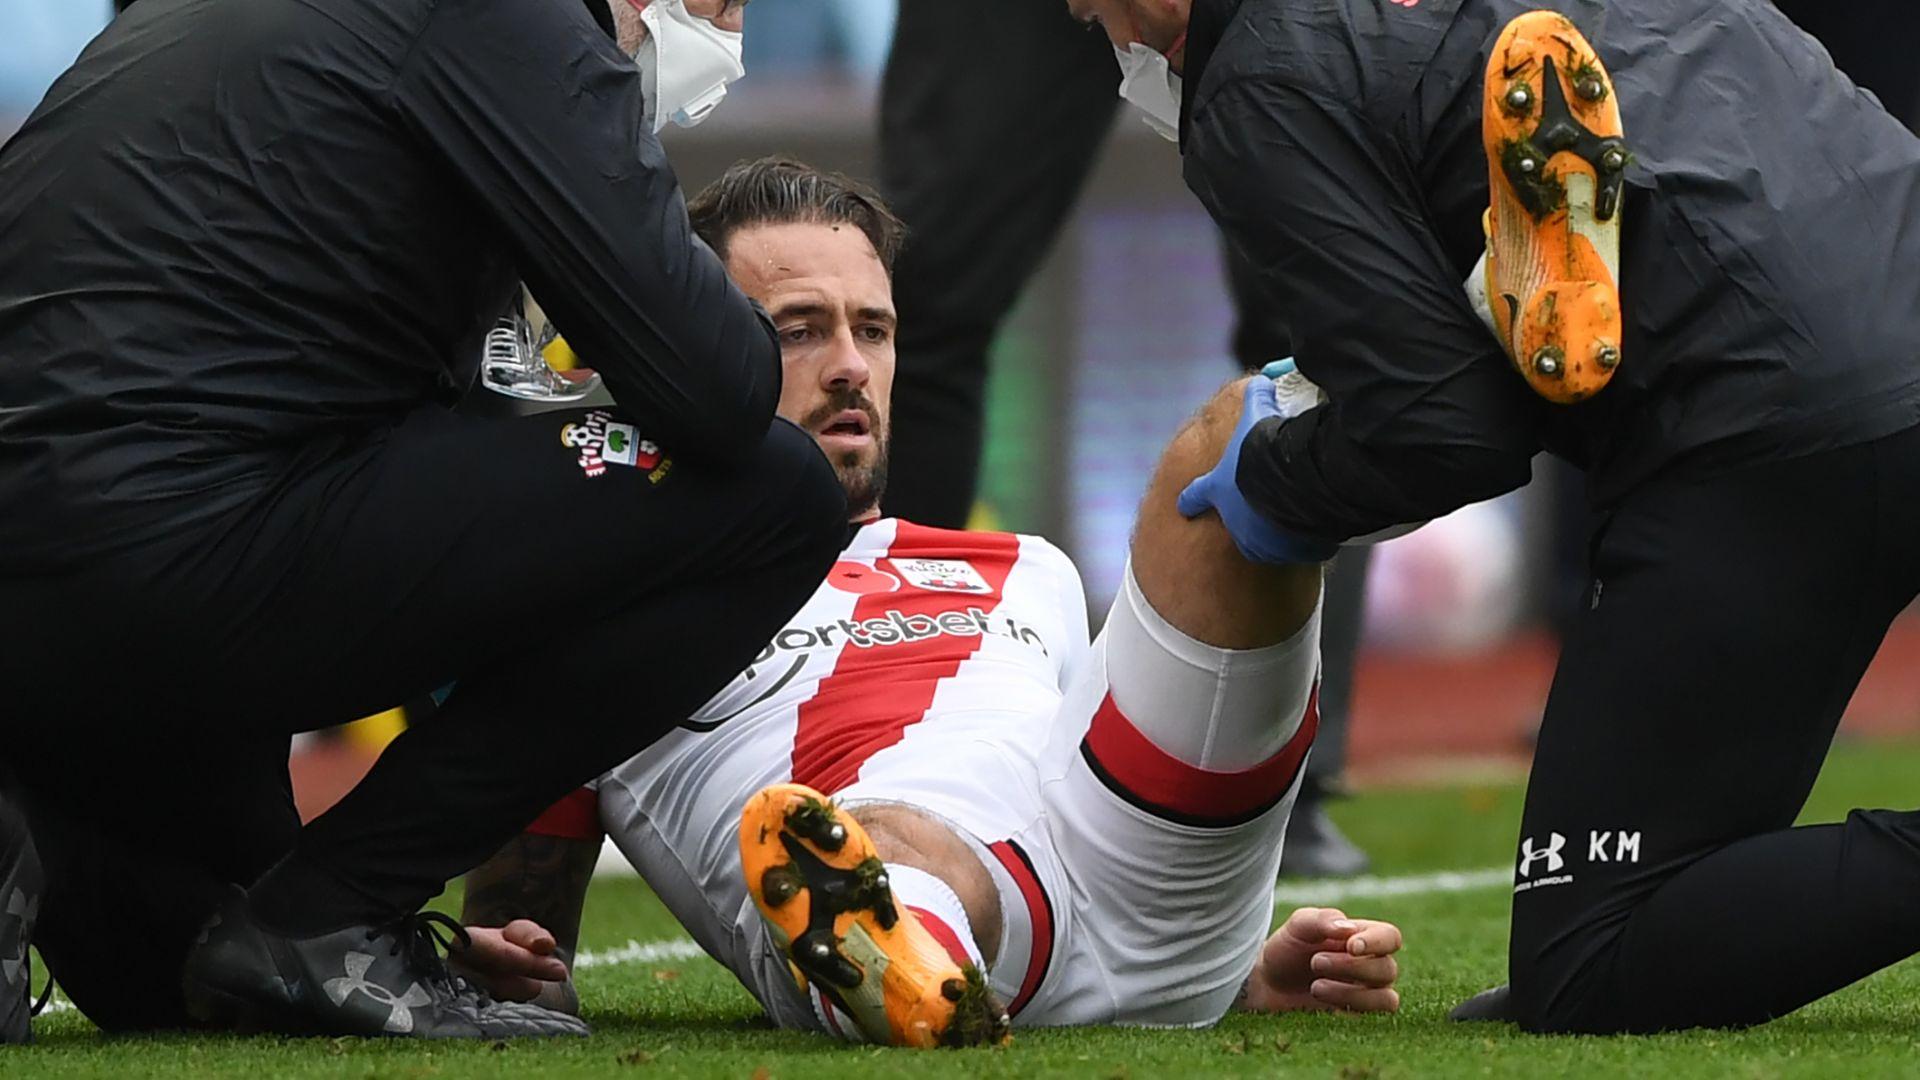 官方:英斯将于本周四接受膝盖手术,预计缺席6周